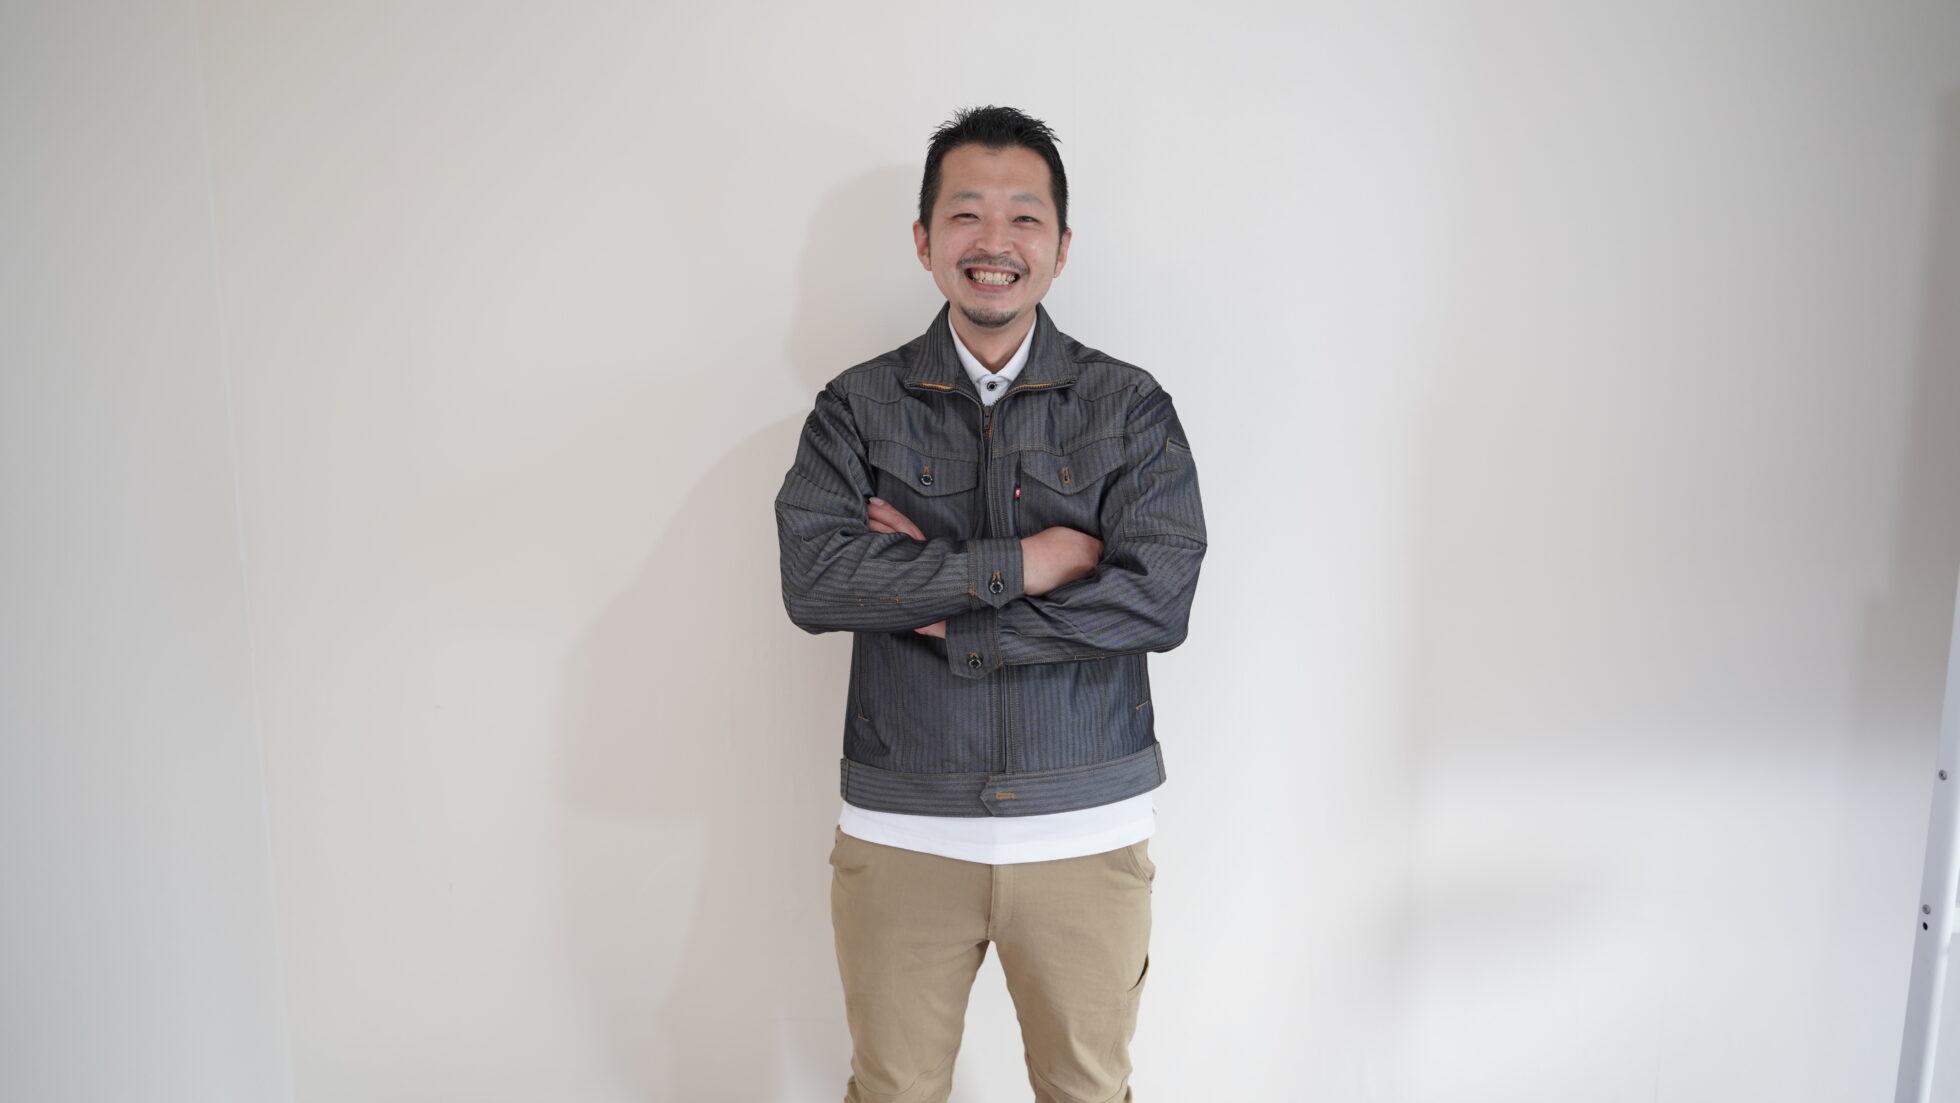 「村田 大輔(むらた だいすけ)」の顔写真